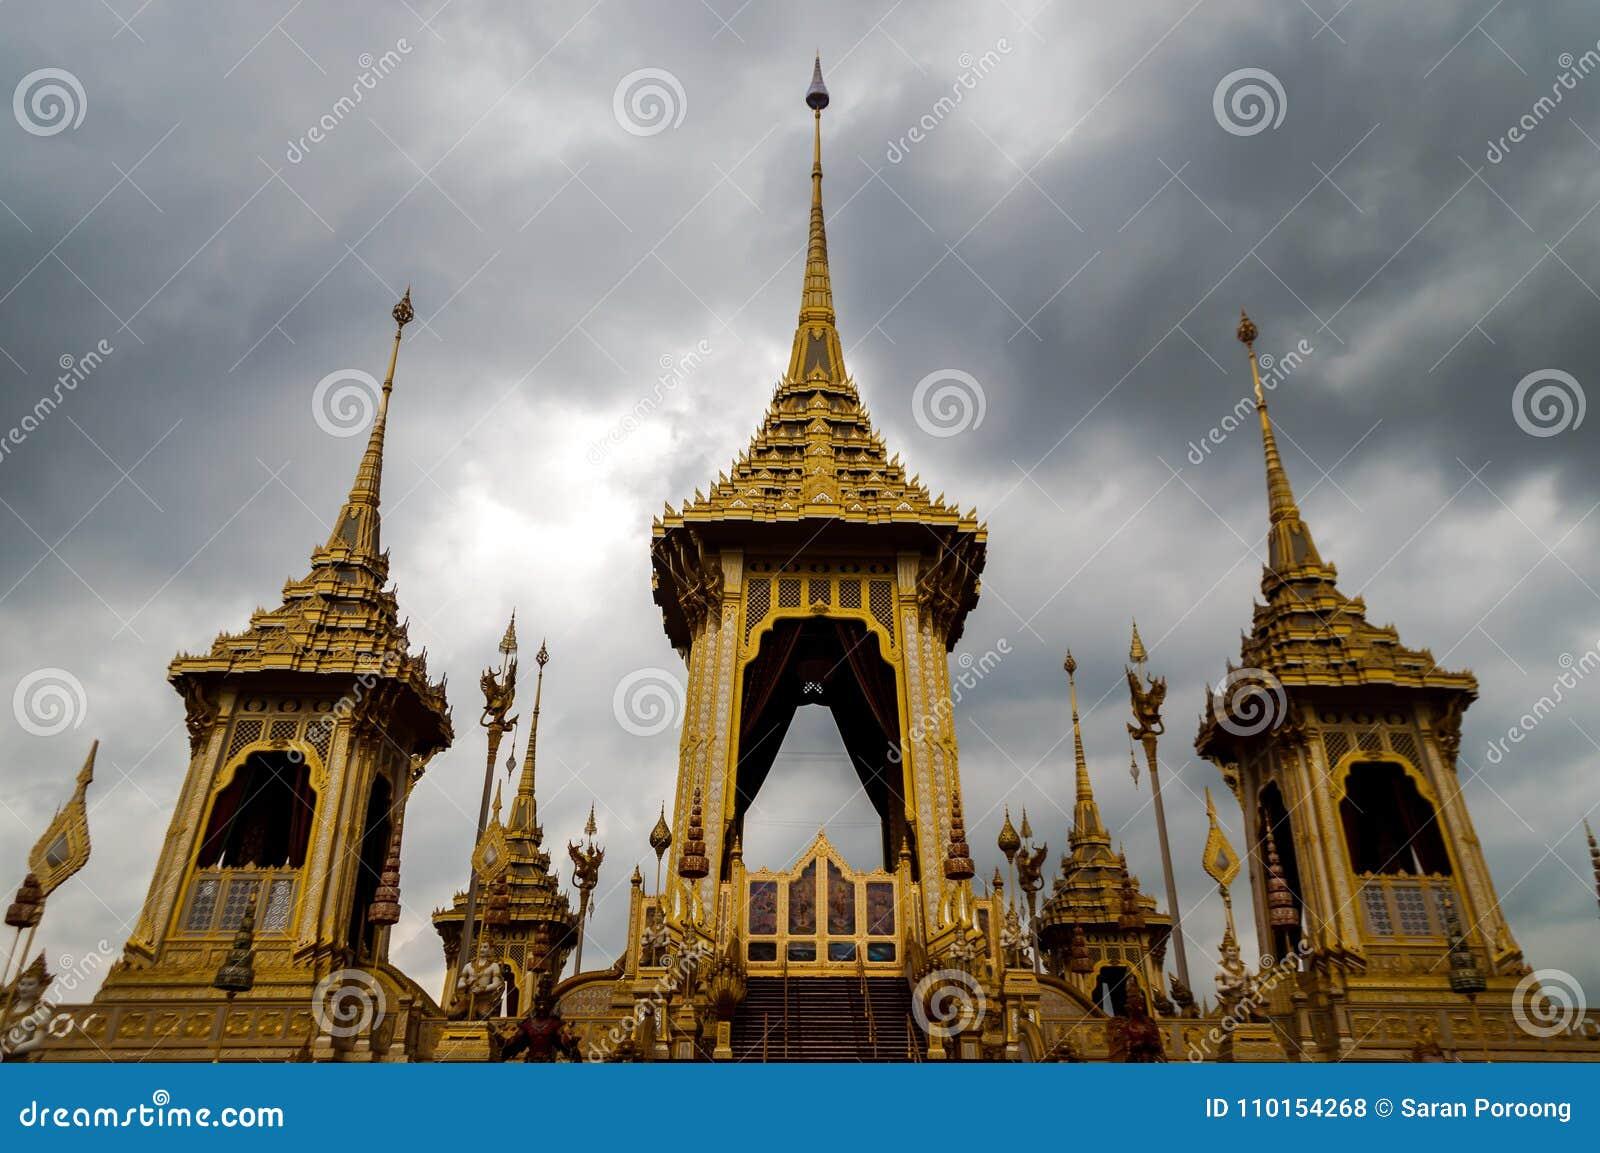 Königliches Krematorium von König Rama Nine von Thailand